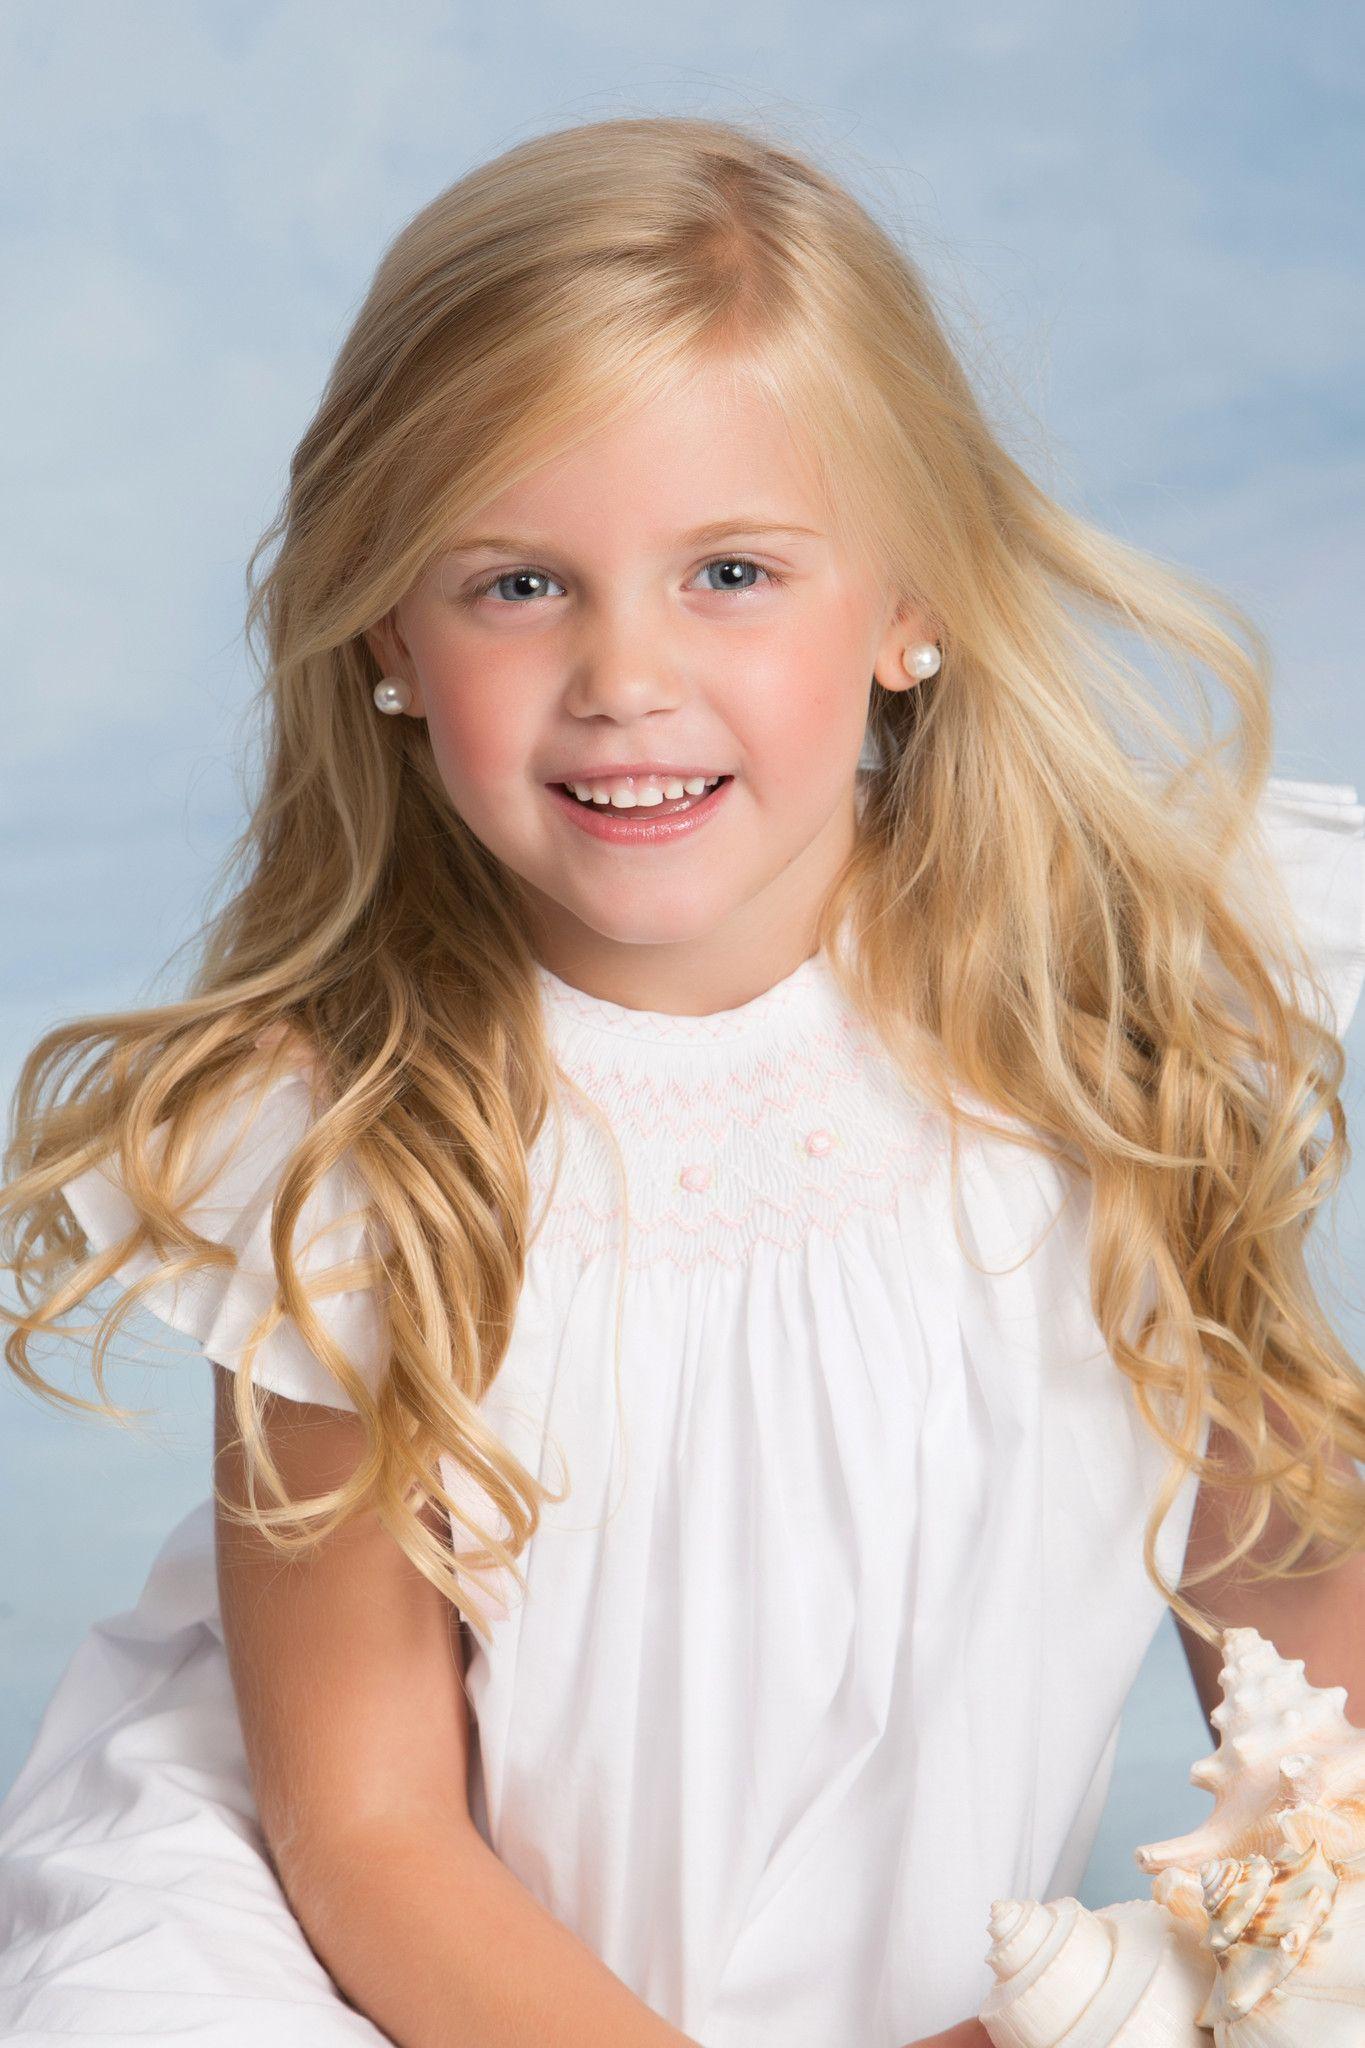 A little cutie in her smocked Strasburg Children bishop dress #EasterDress #grandkids #cute